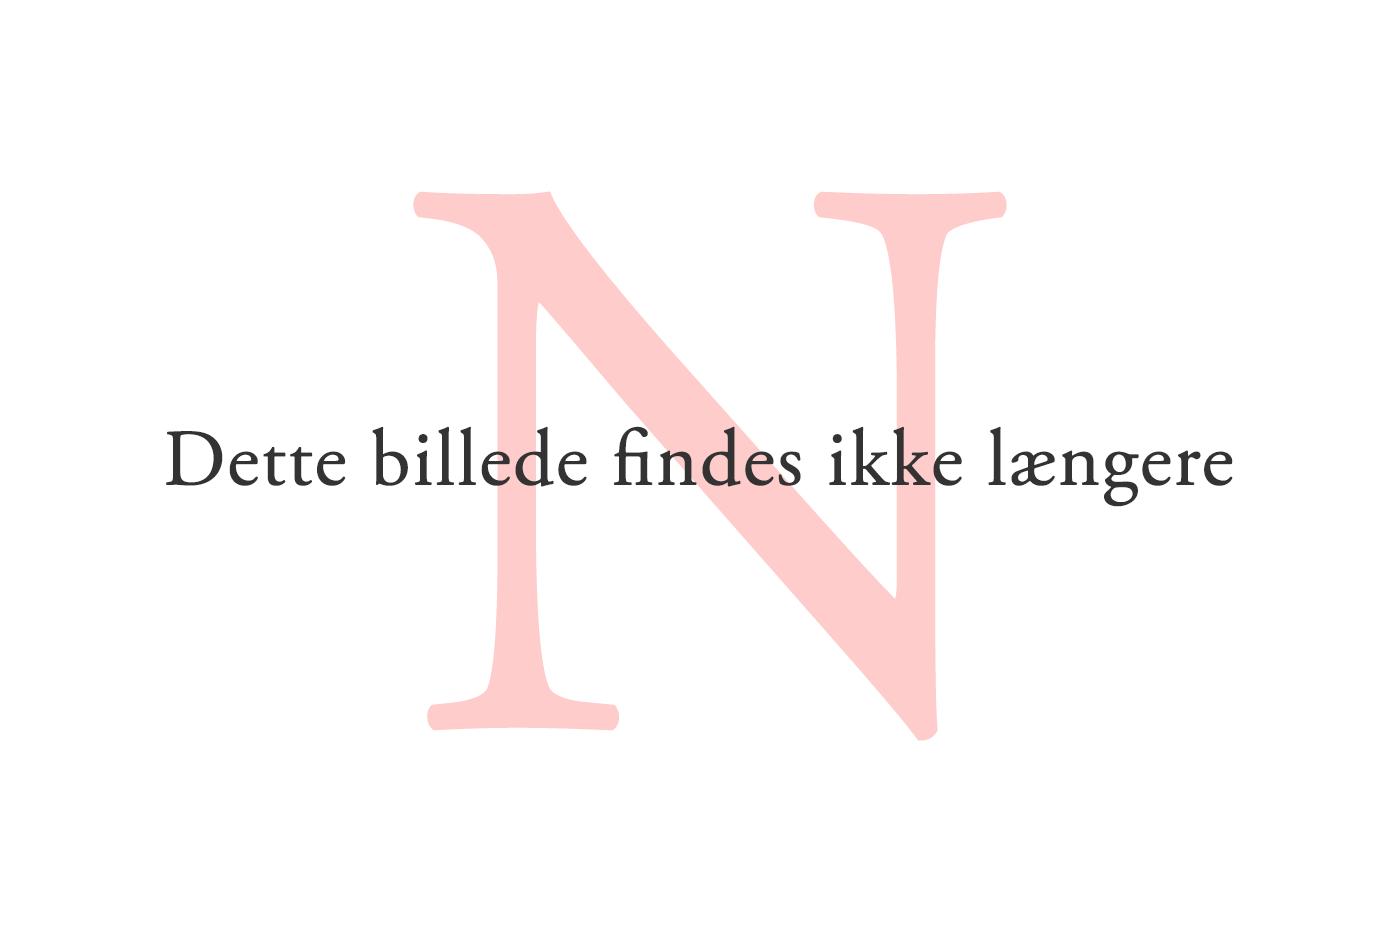 Unge danskere låner penge i stor stil Foto: Sophie Hrefna Palm Boye